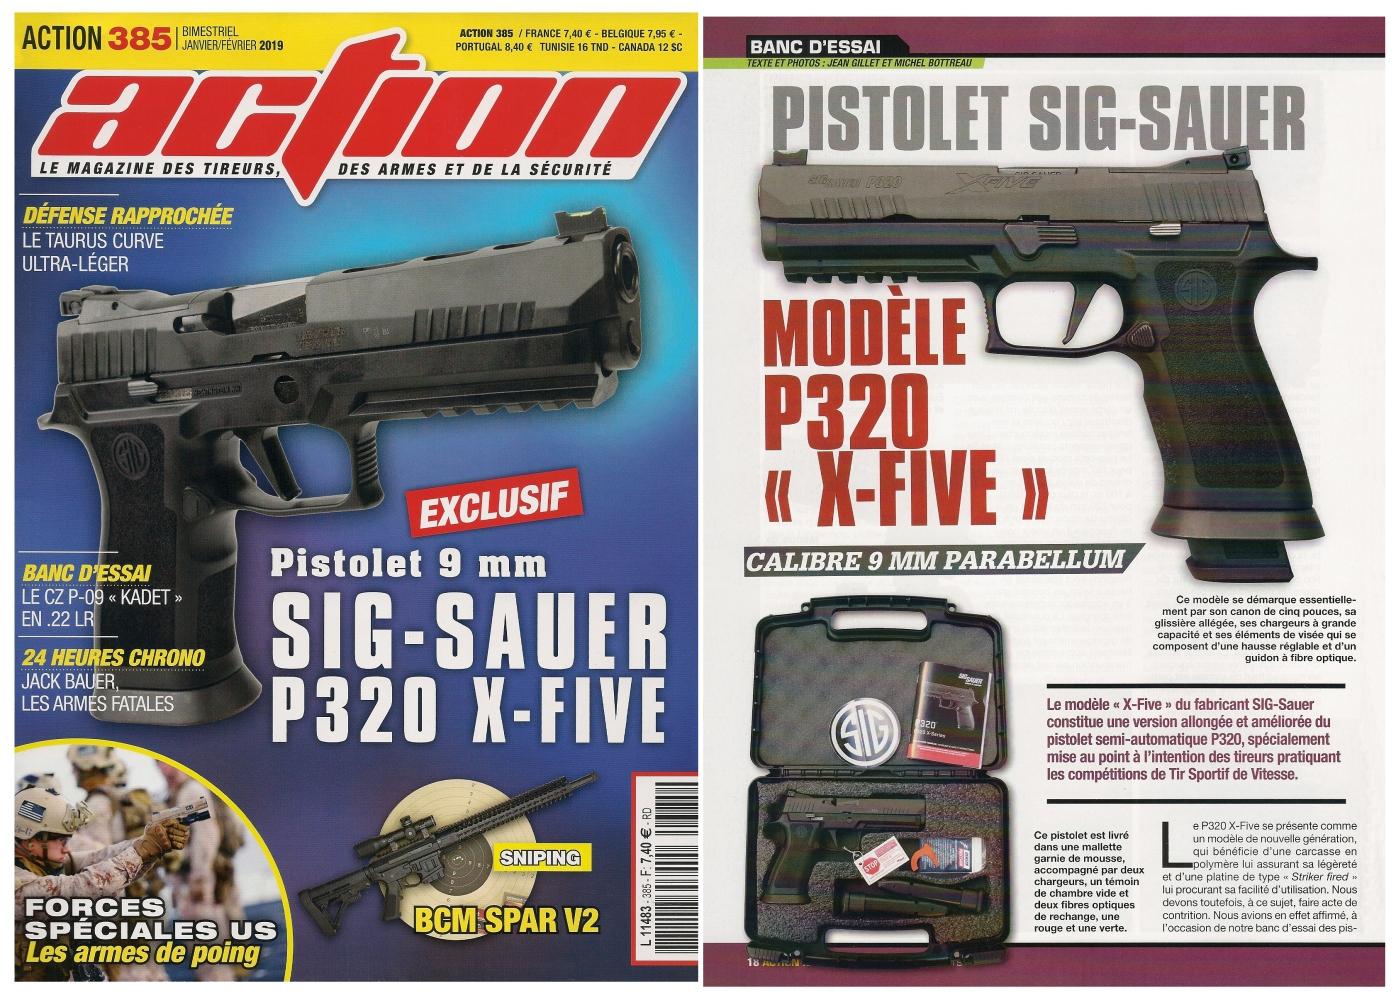 Le banc d'essai du pistolet SIG-Sauer P320 X-Five a été publié sur 6 pages dans le magazine Action n°385 (janvier/février 2019).